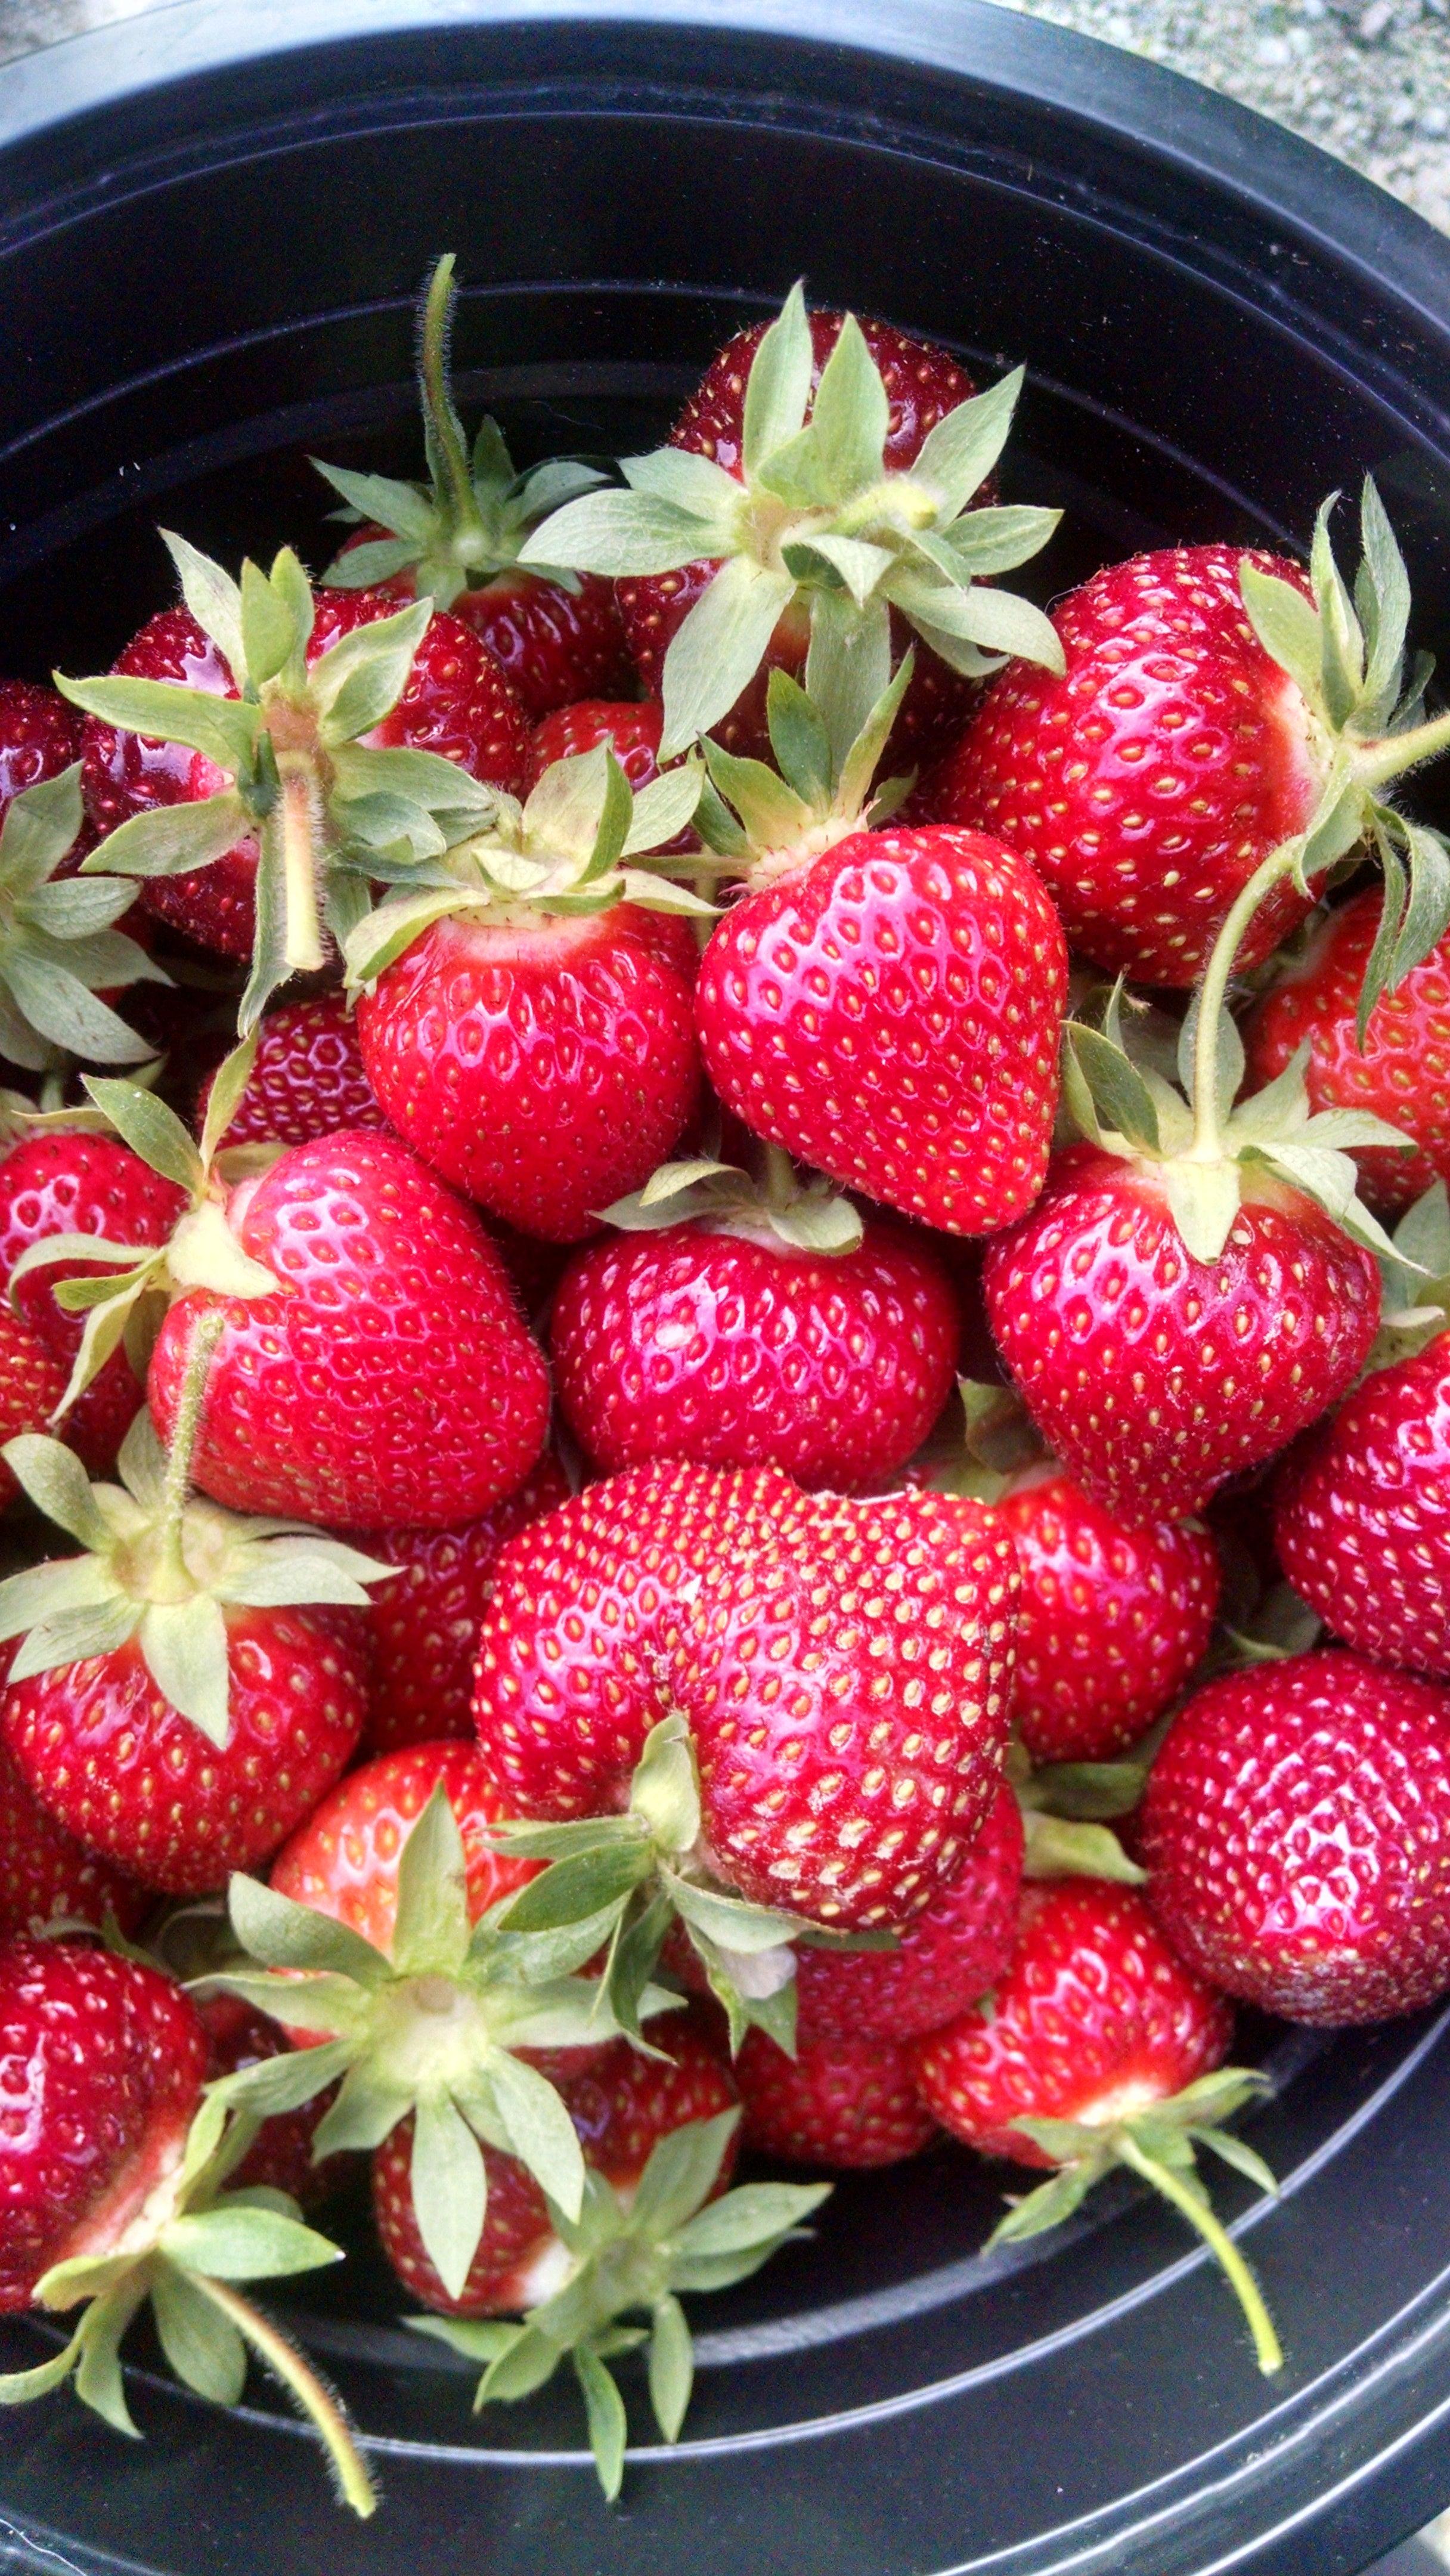 berries may 2015.jpg